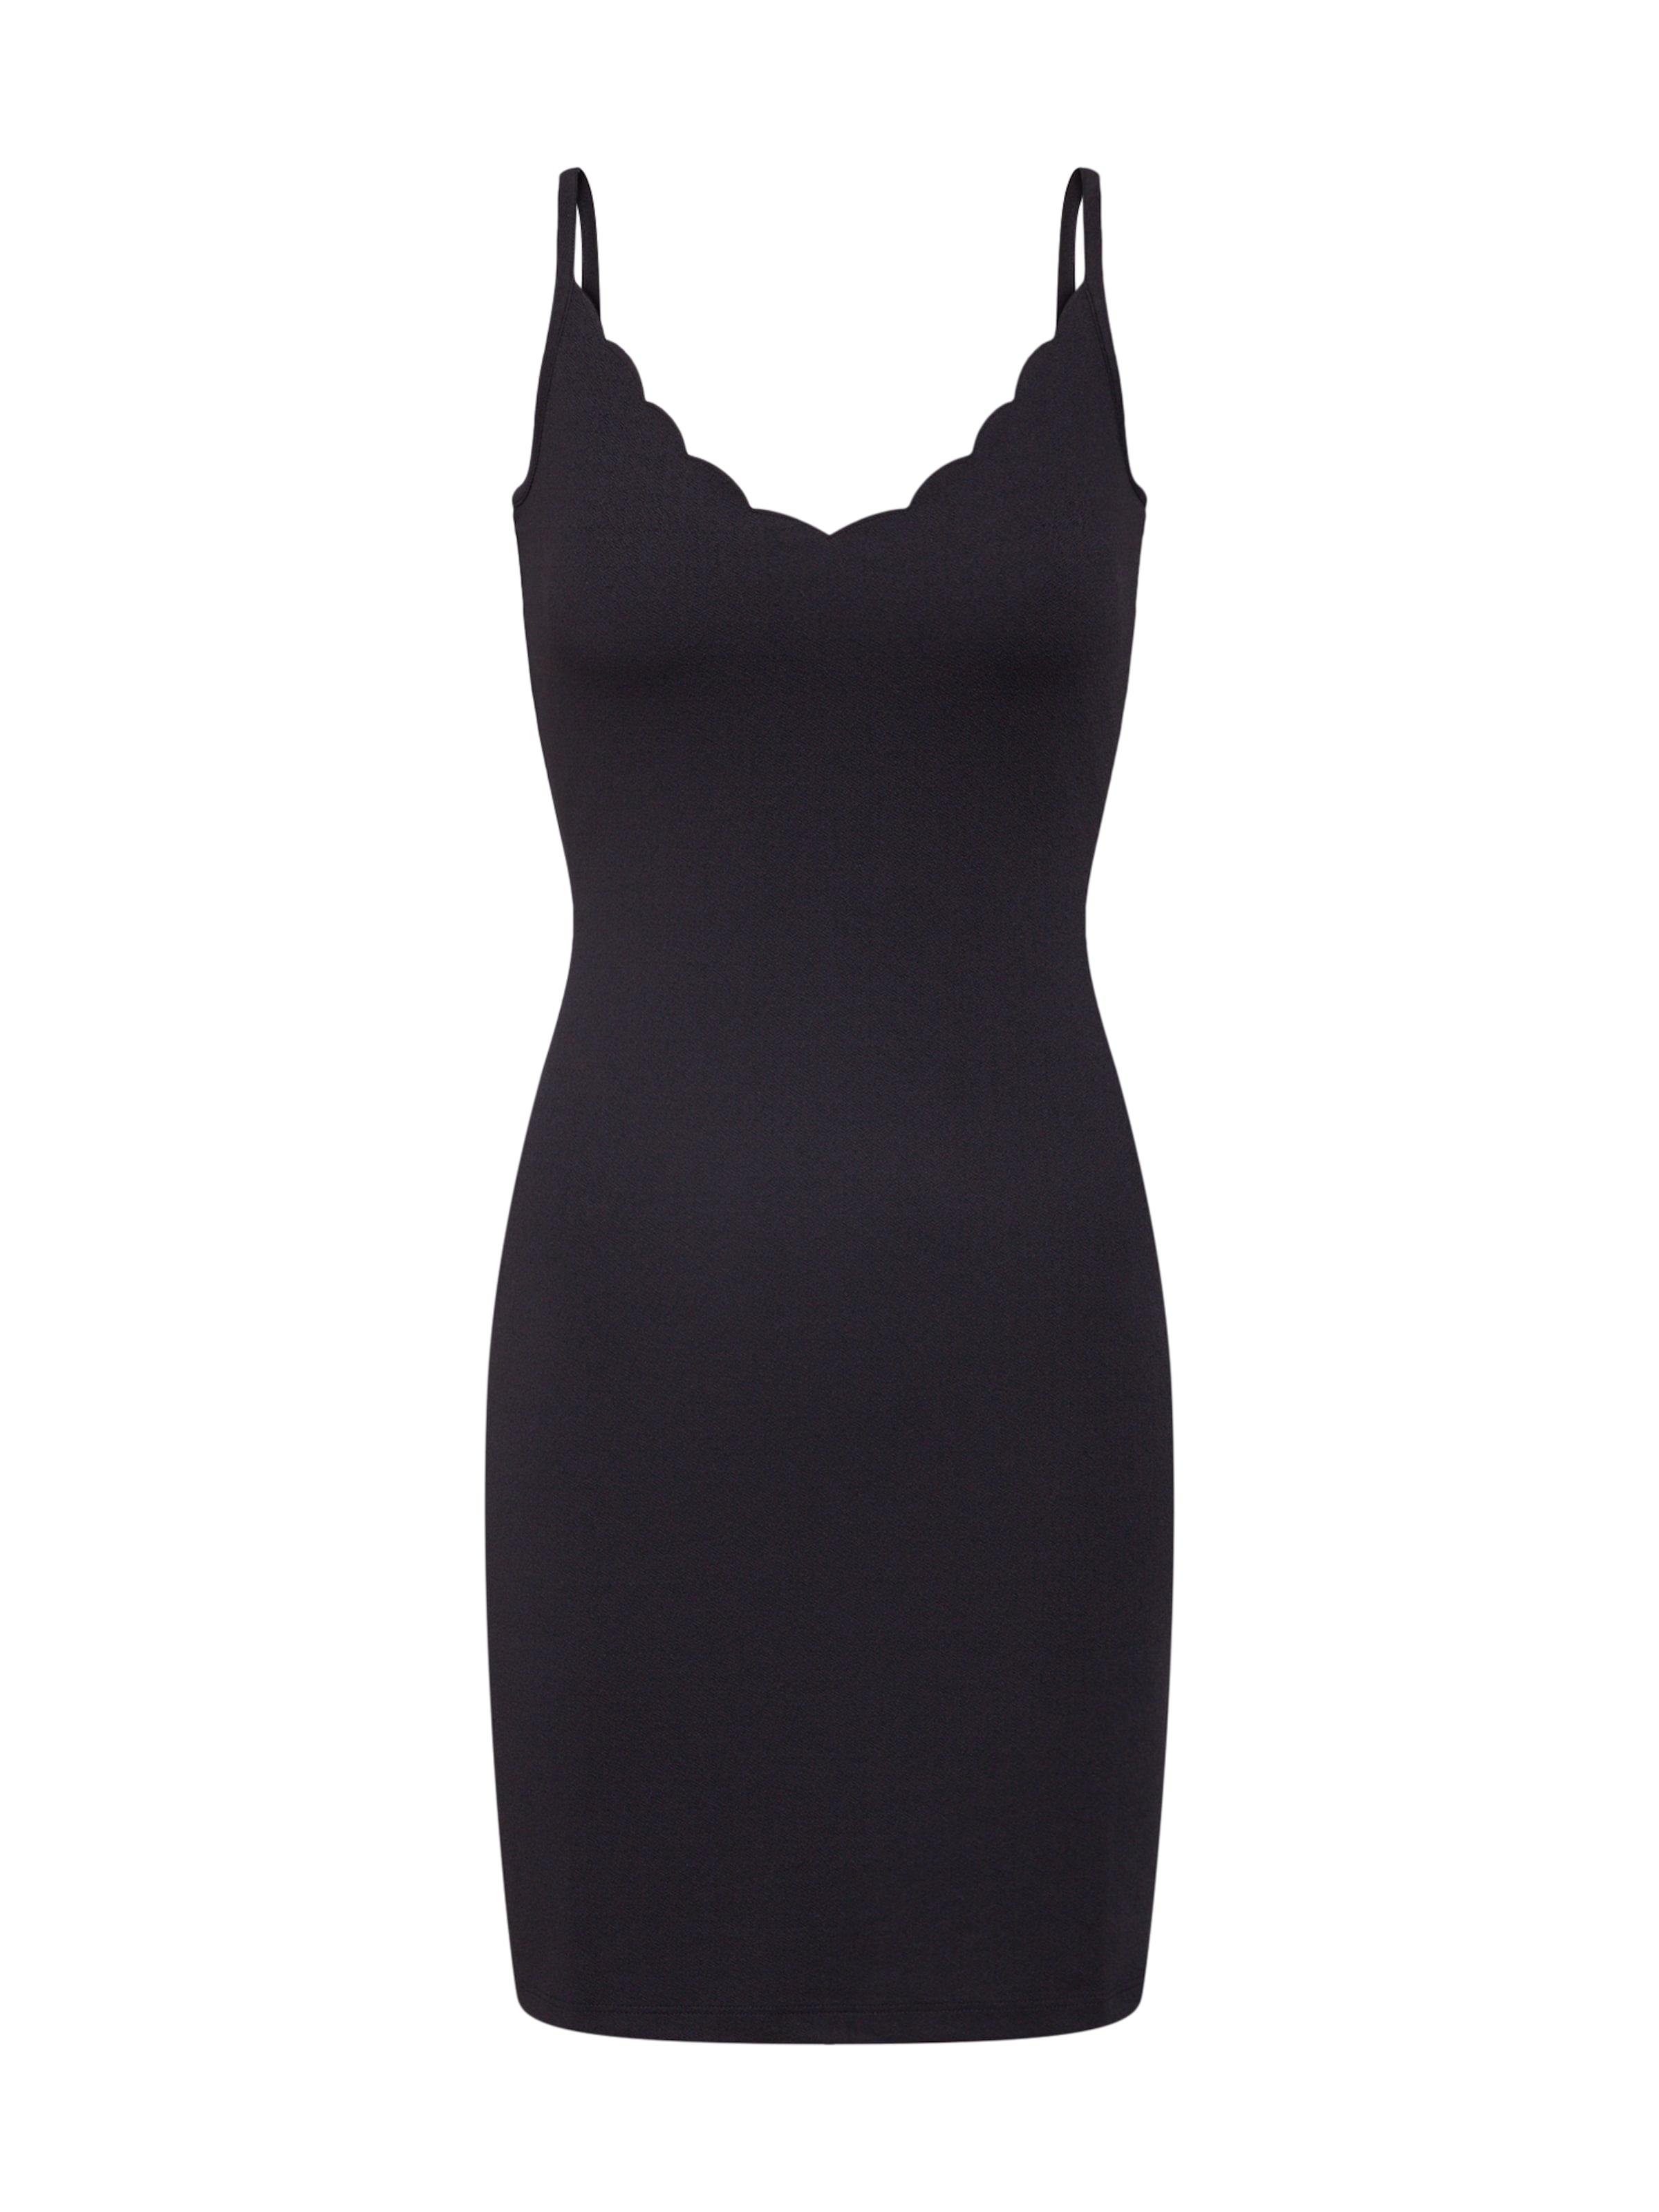 Robe Dress' Noir En Even amp;odd 'scallop Bodycon ZPOiuTkX